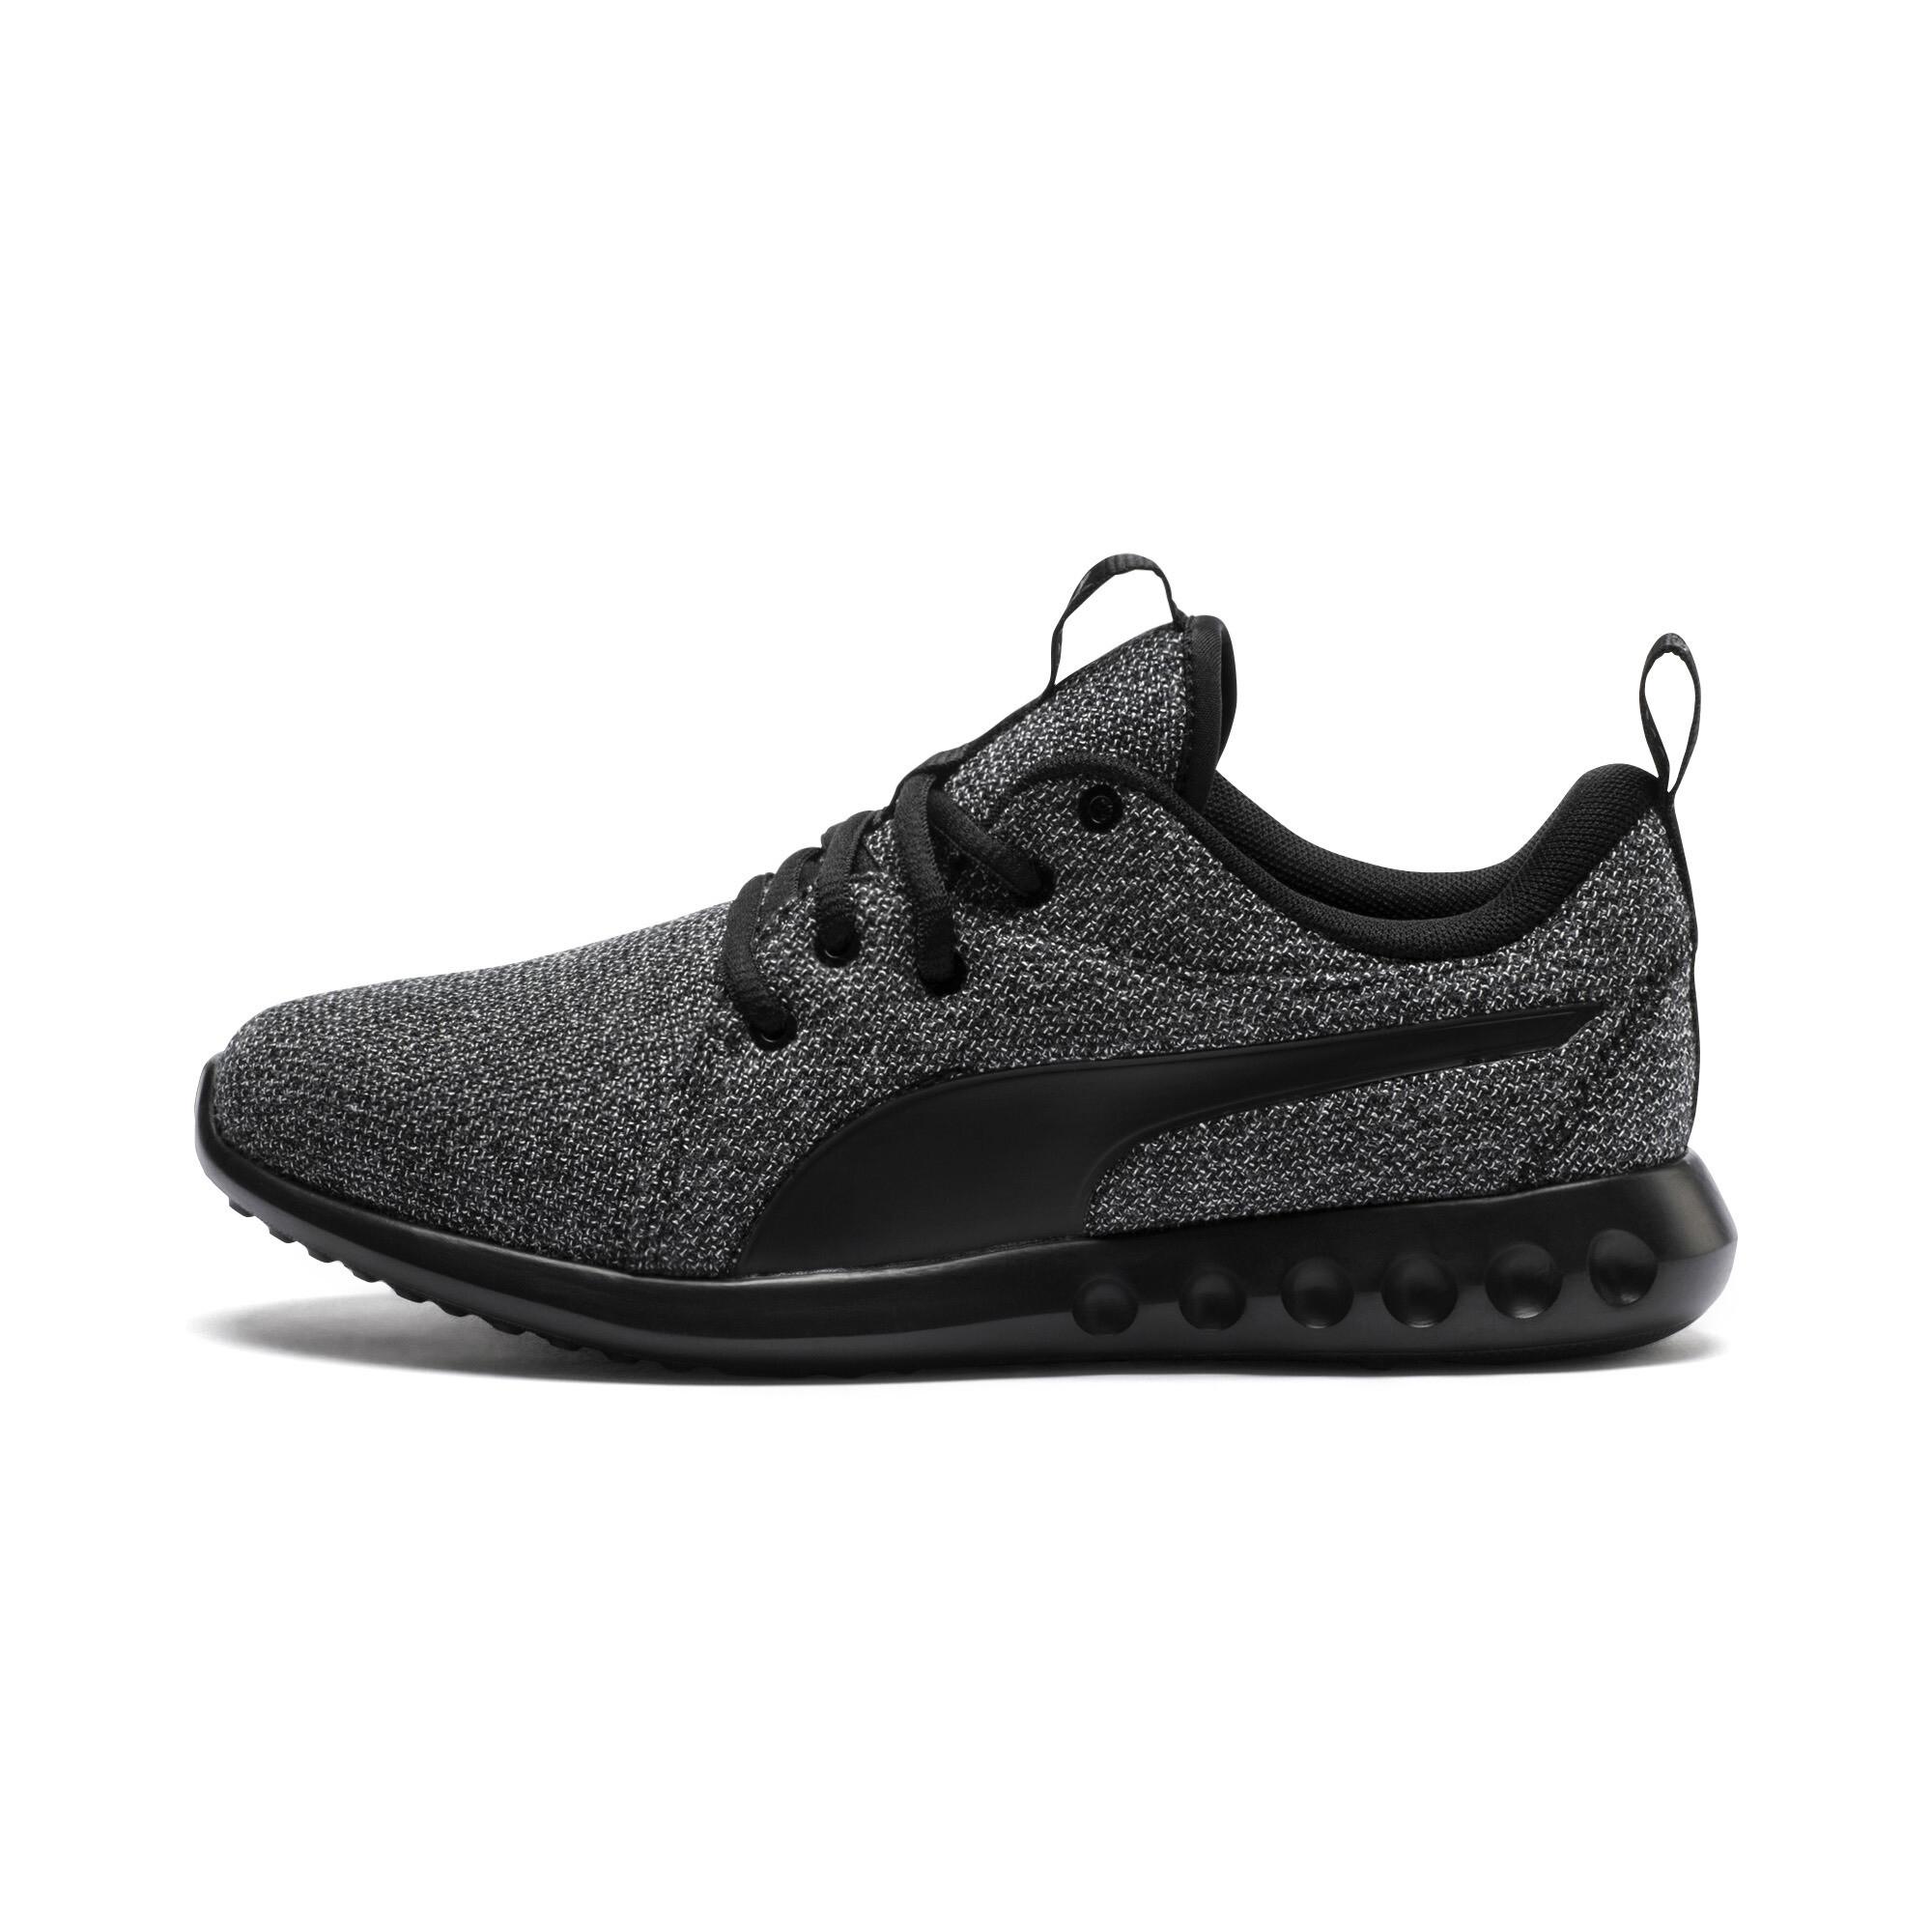 PUMA-Carson-2-Knit-Women-039-s-Running-Shoes-Women-Shoe-Running thumbnail 7